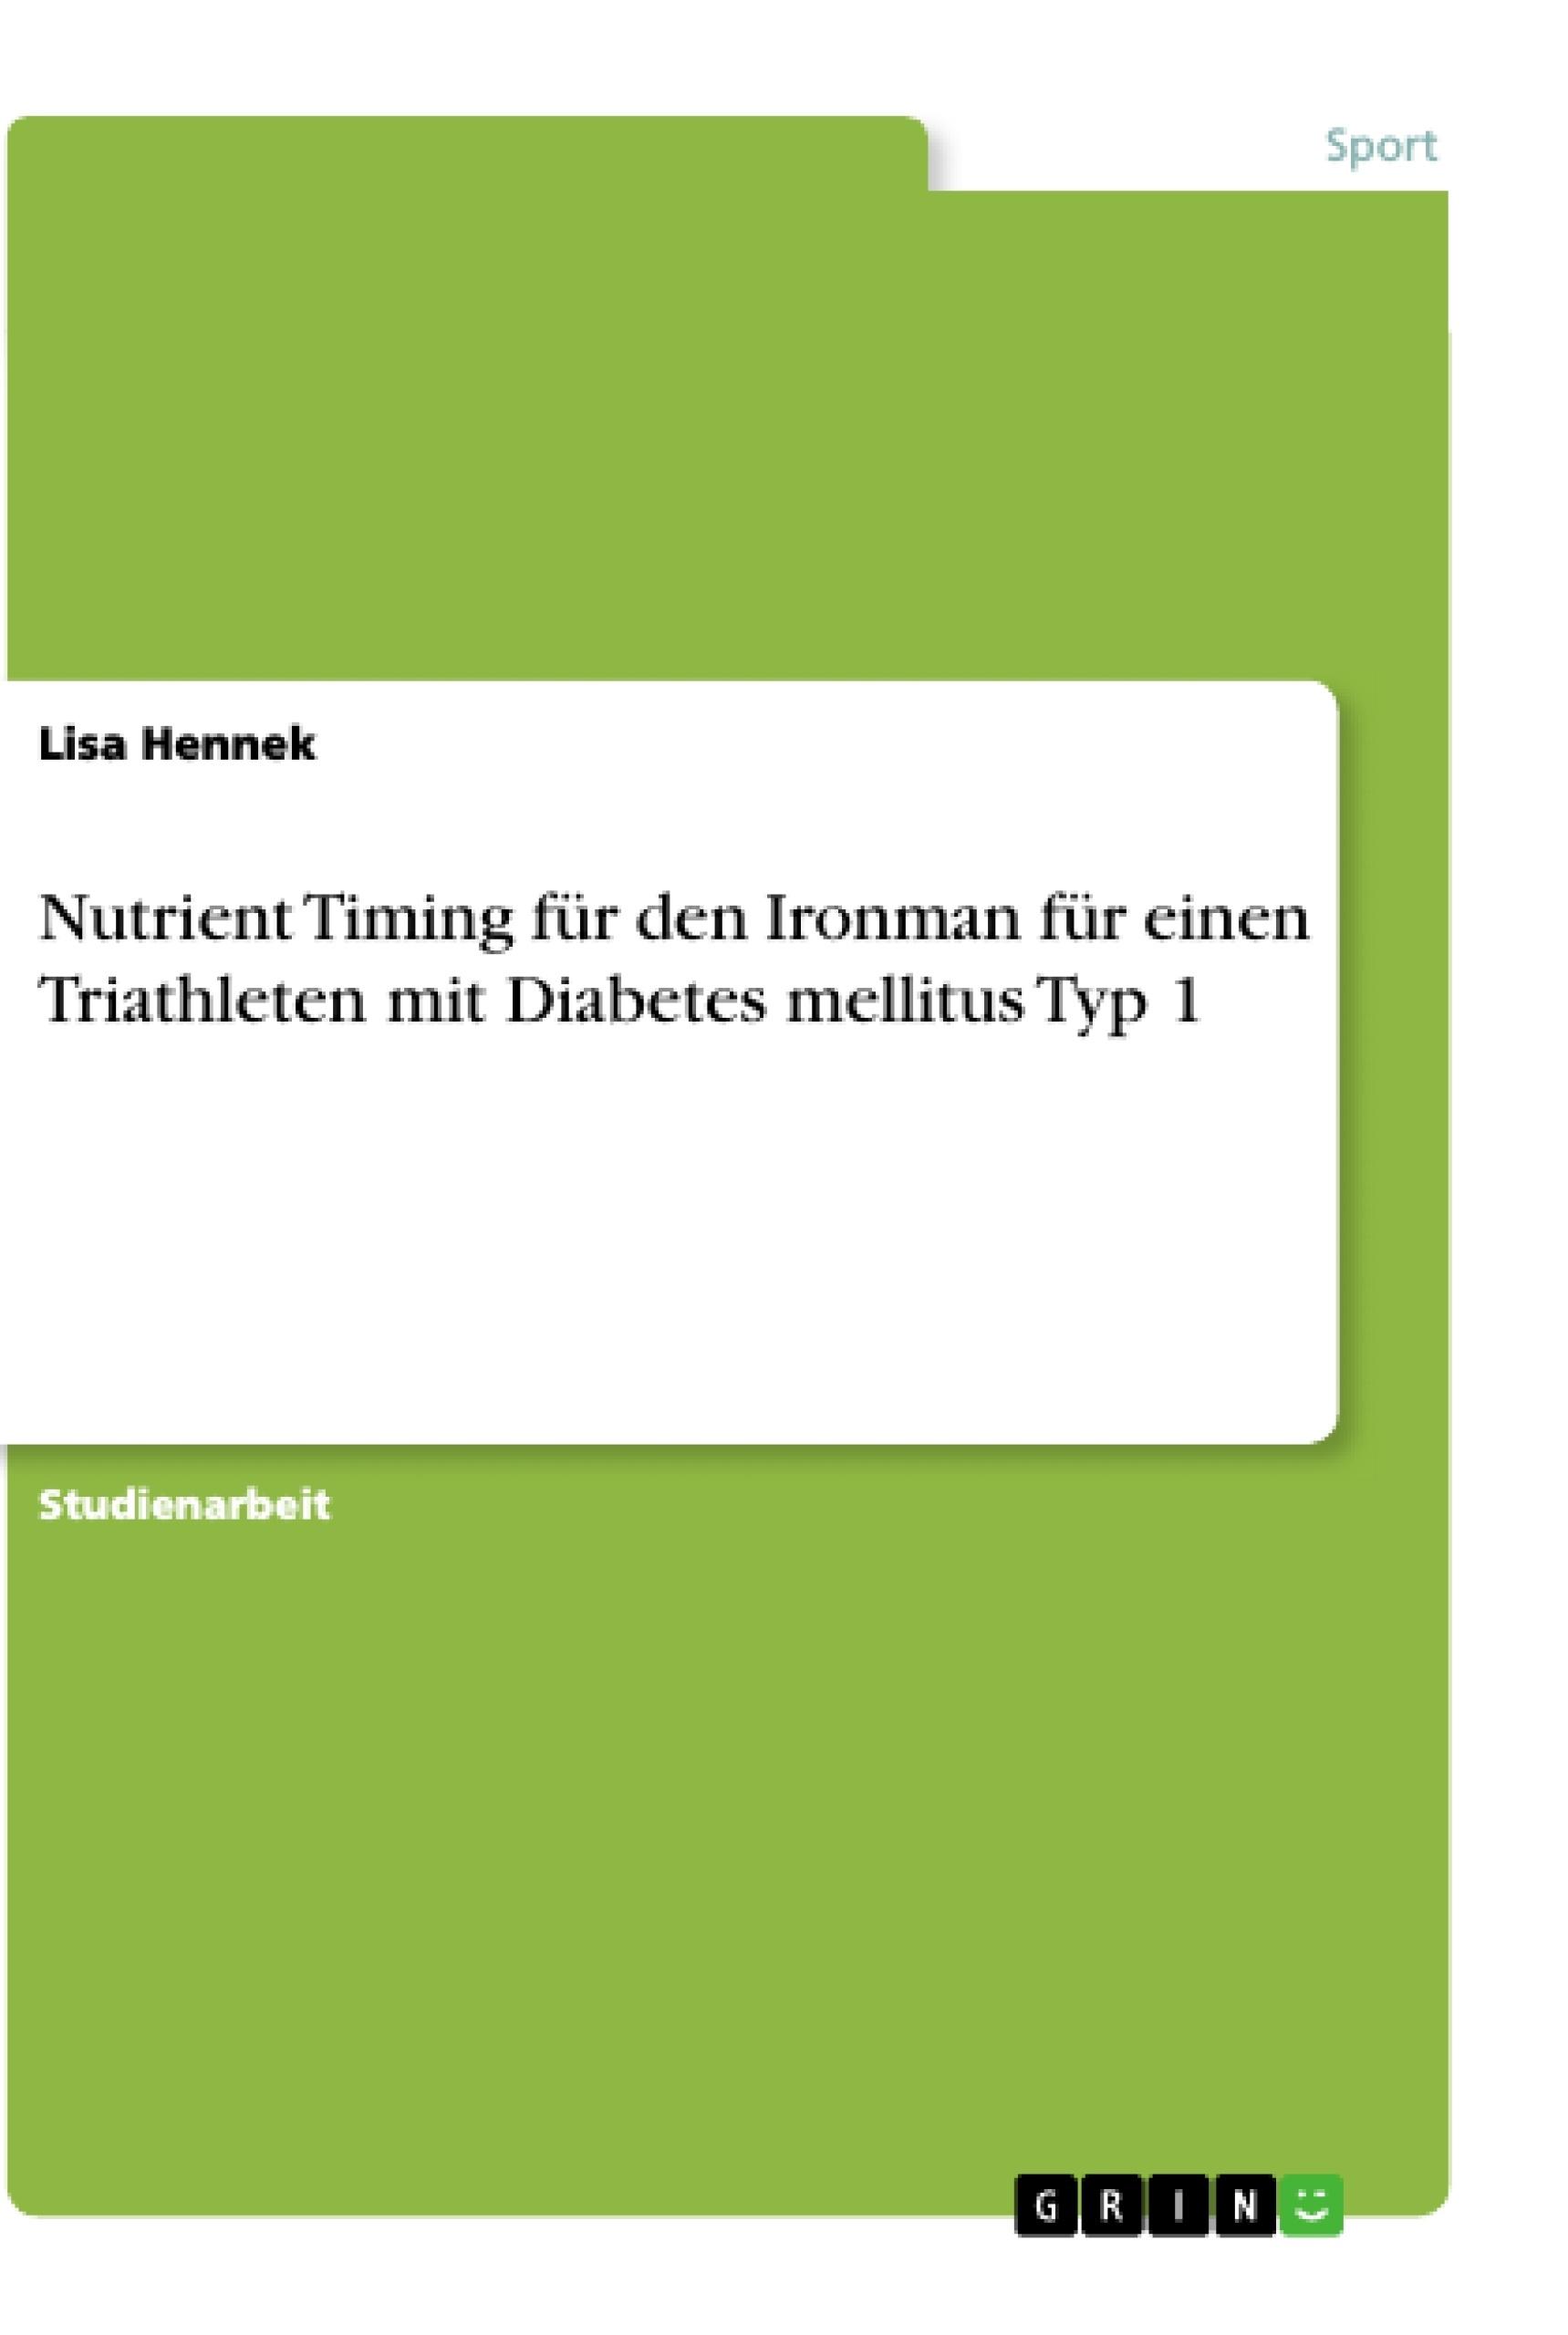 Titel: Nutrient Timing für den Ironman für einen Triathleten mit Diabetes mellitus Typ 1